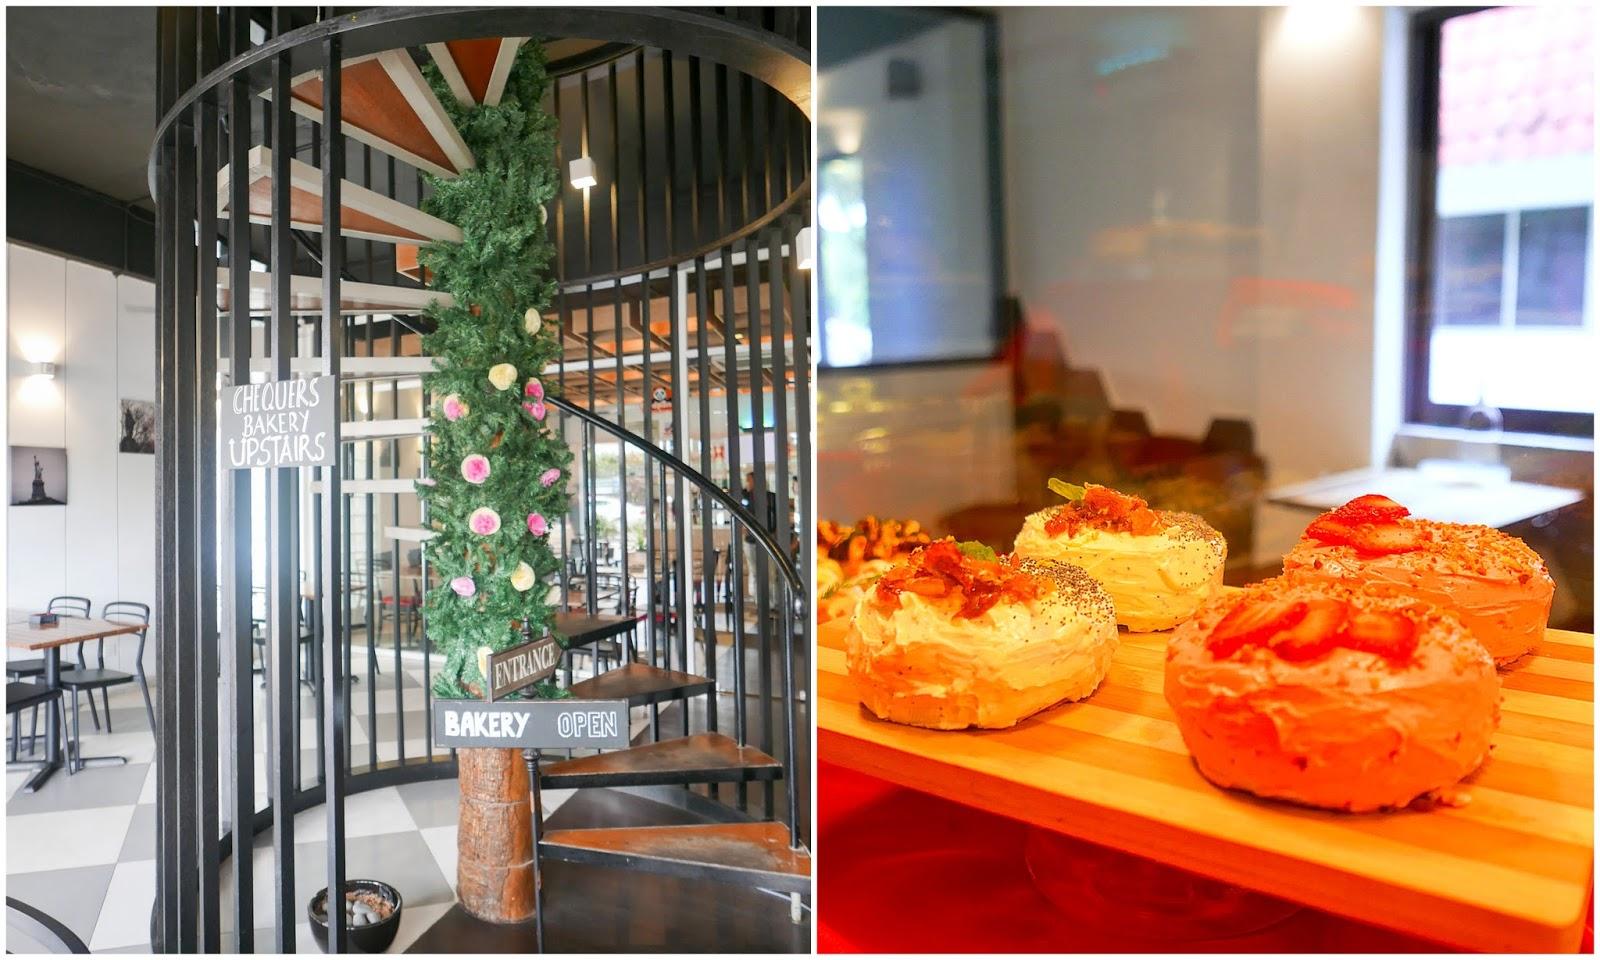 gourmet doughnuts @ chequers bakery, ttdi